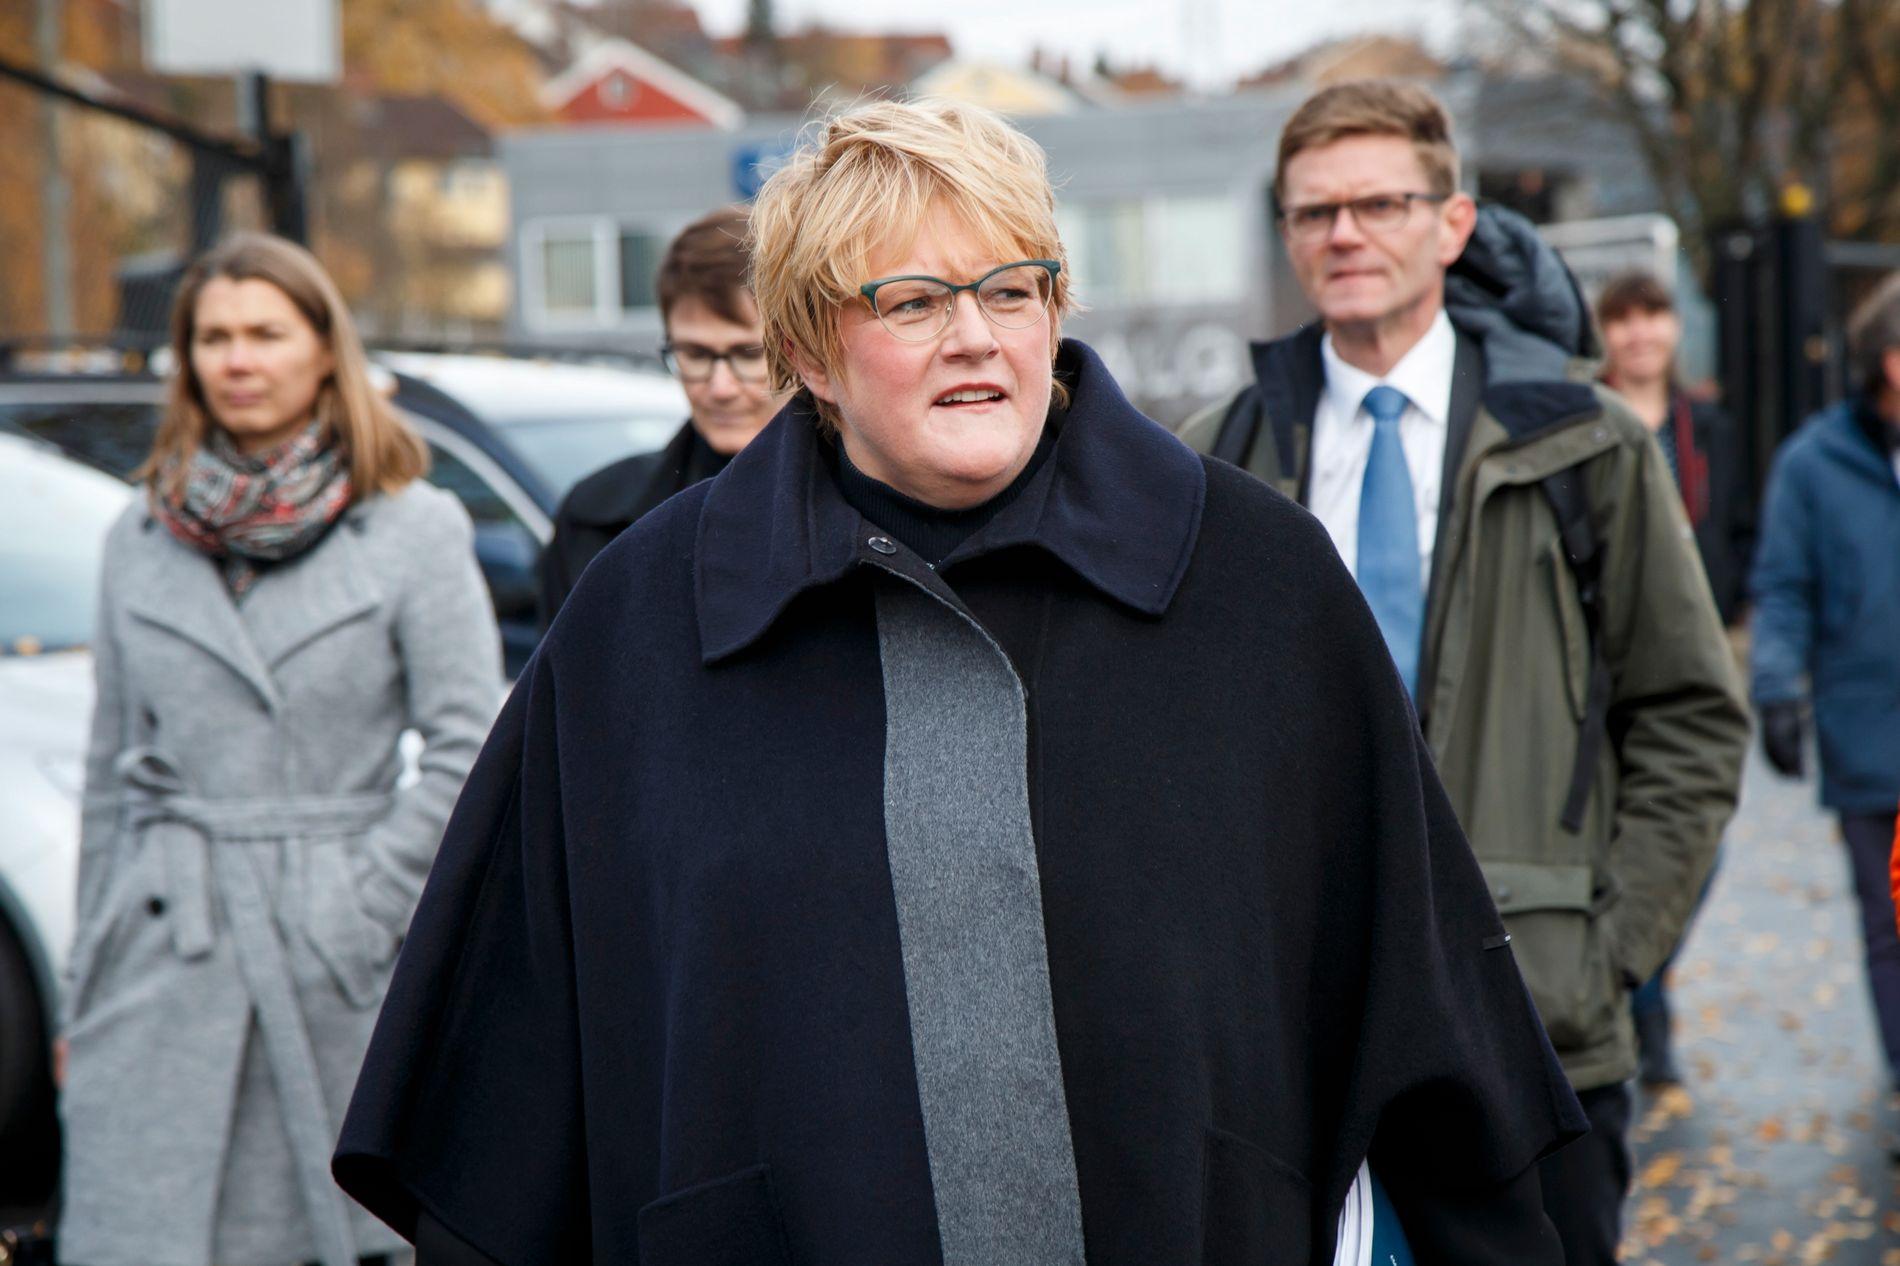 REAGERER: Venstre-leder Trine Skei Grande vil endre regelverket, slik at ingen kan fratas statsborgerskapet uten dom. Foto: Heiko Junge / NTB scanpix